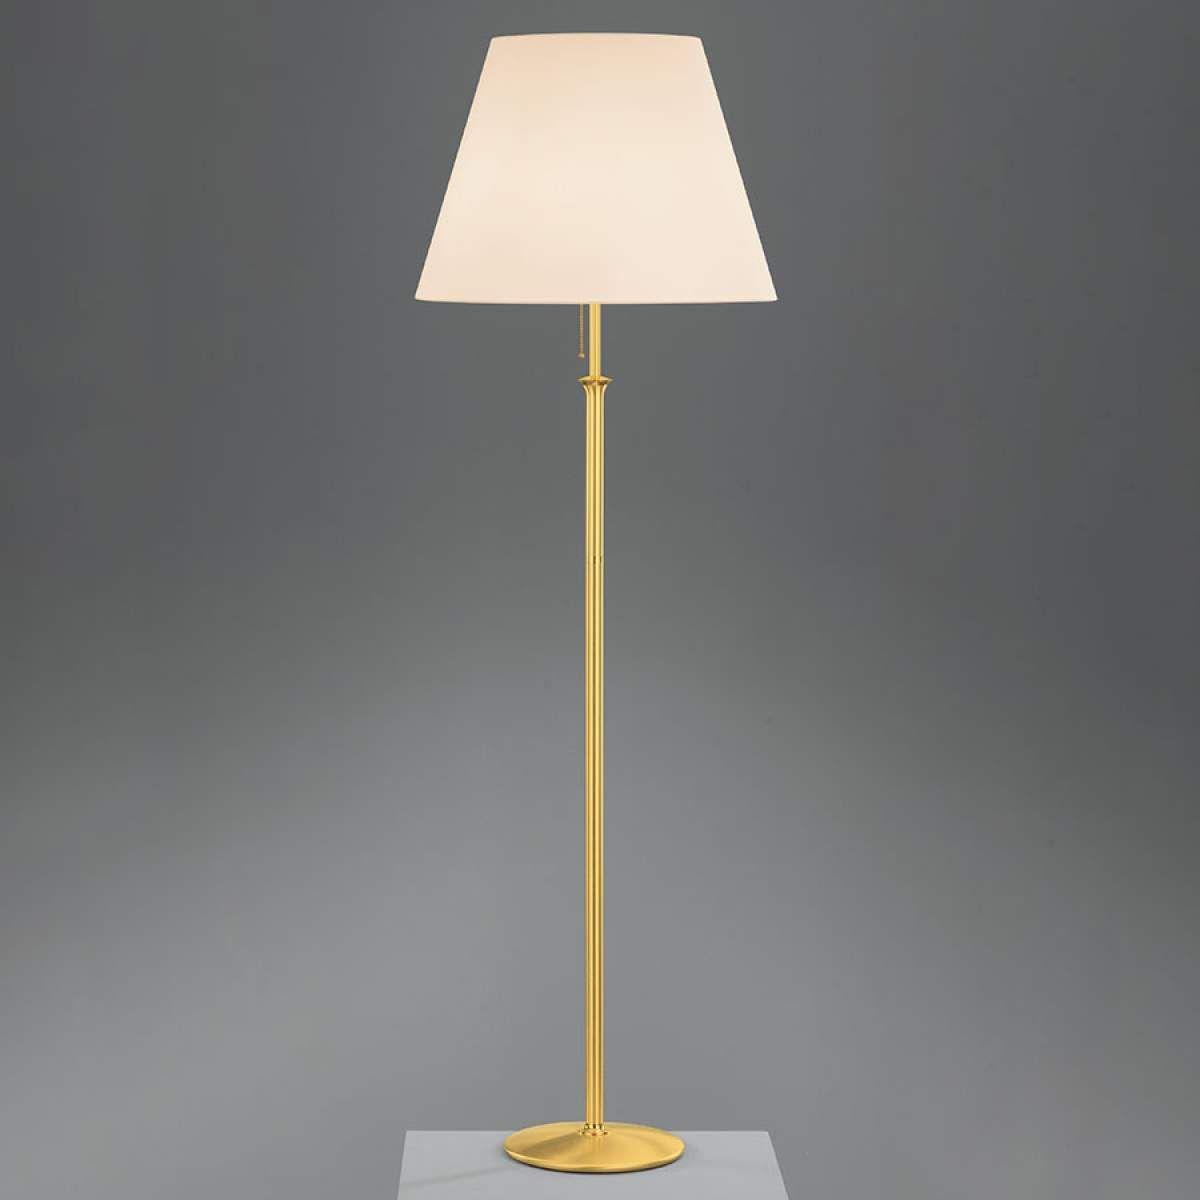 Full Size of Stehlampe Wohnzimmer Dimmbar Stehleuchte Royce Mit Deckenluminator Creme Deckenfluter Led Gardinen Für Deckenlampen Vorhänge Deko Teppich Deckenleuchten Wohnzimmer Stehlampe Wohnzimmer Dimmbar